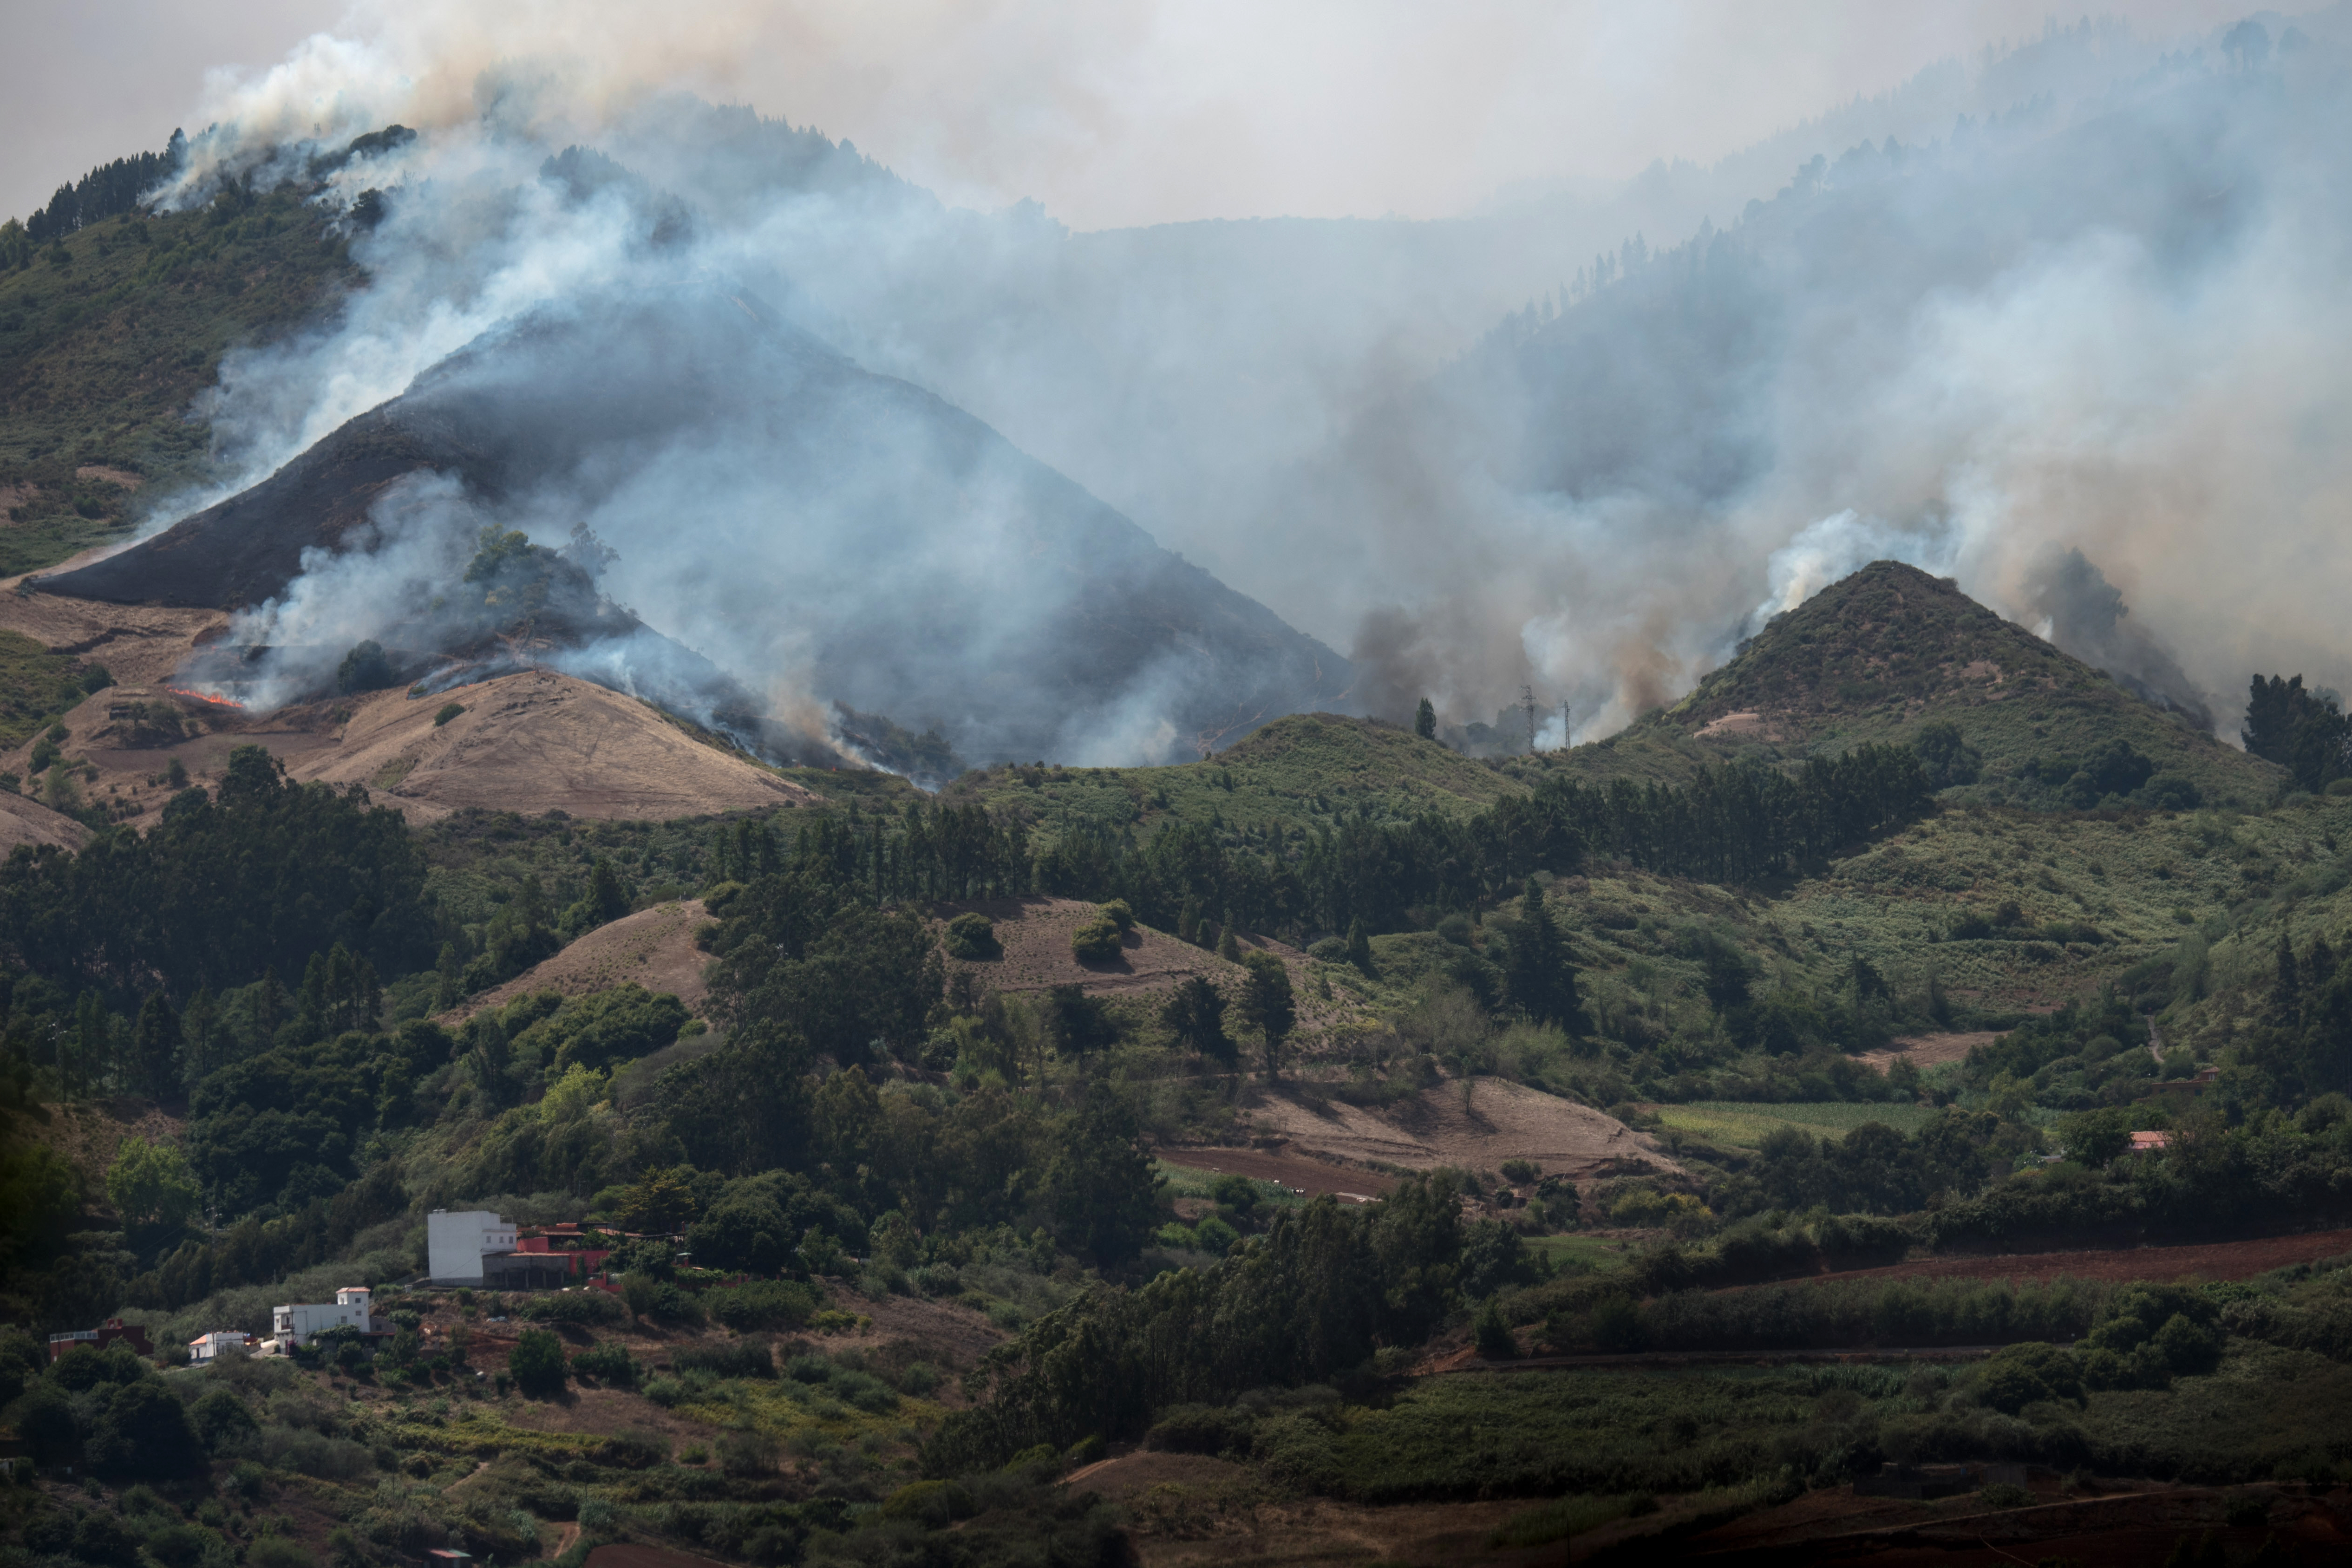 Drámai méretűvé nőtt az erdőtűz a Kanári-szigeteken, 4000 embert kellett evakuálni